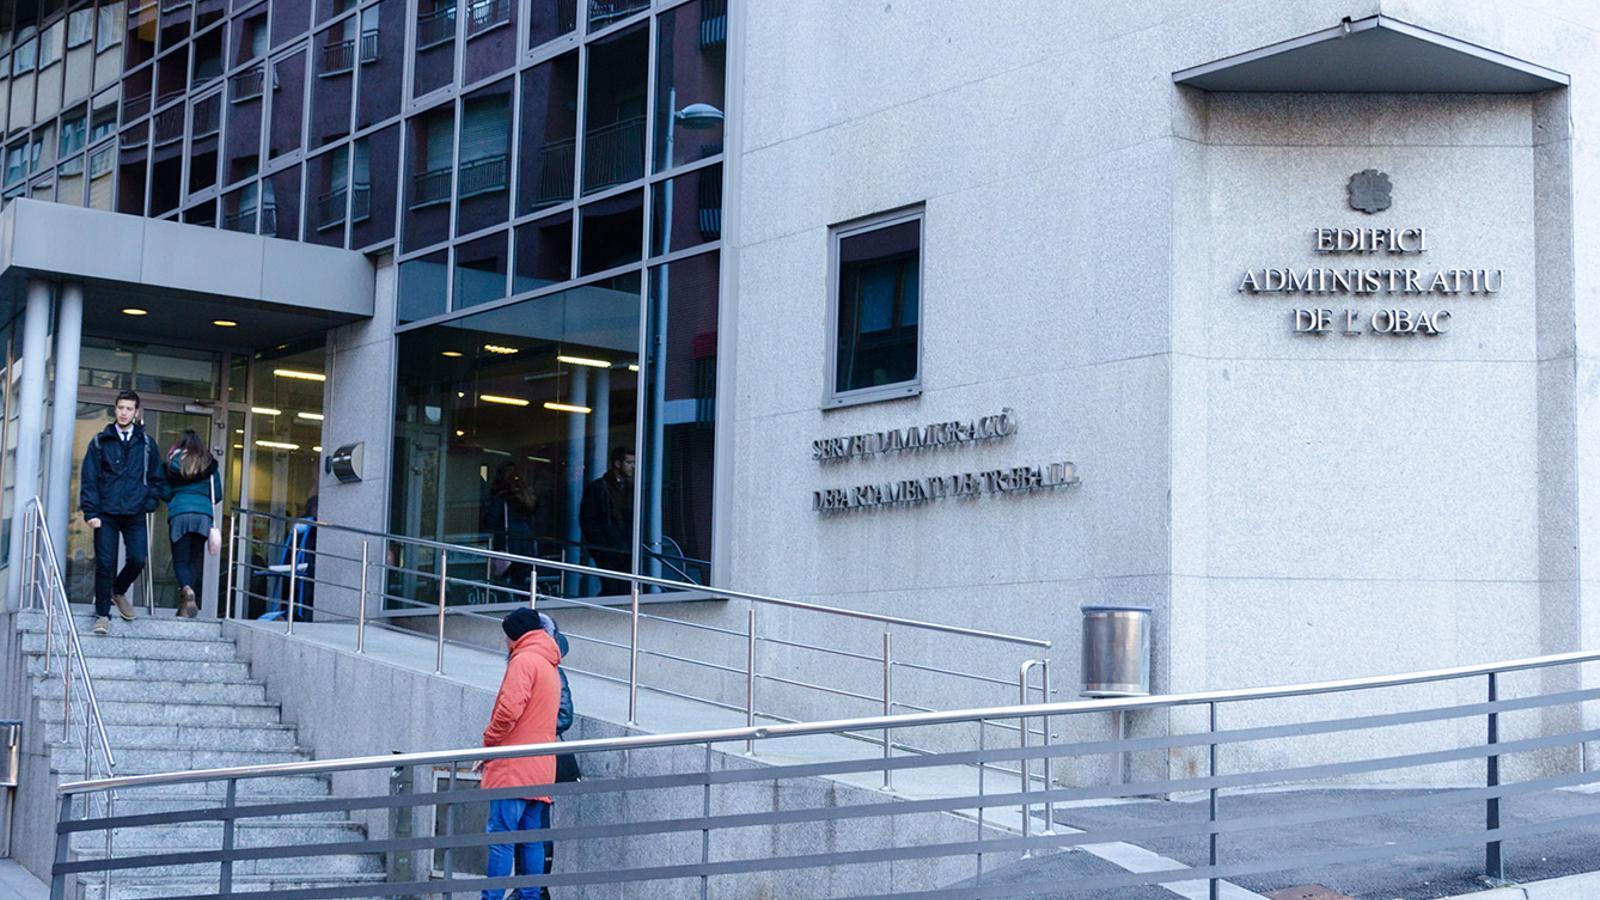 L'edifici administratiu de l'Obac, on hi ha el Servei d'Immigració. / ARXIU ANA